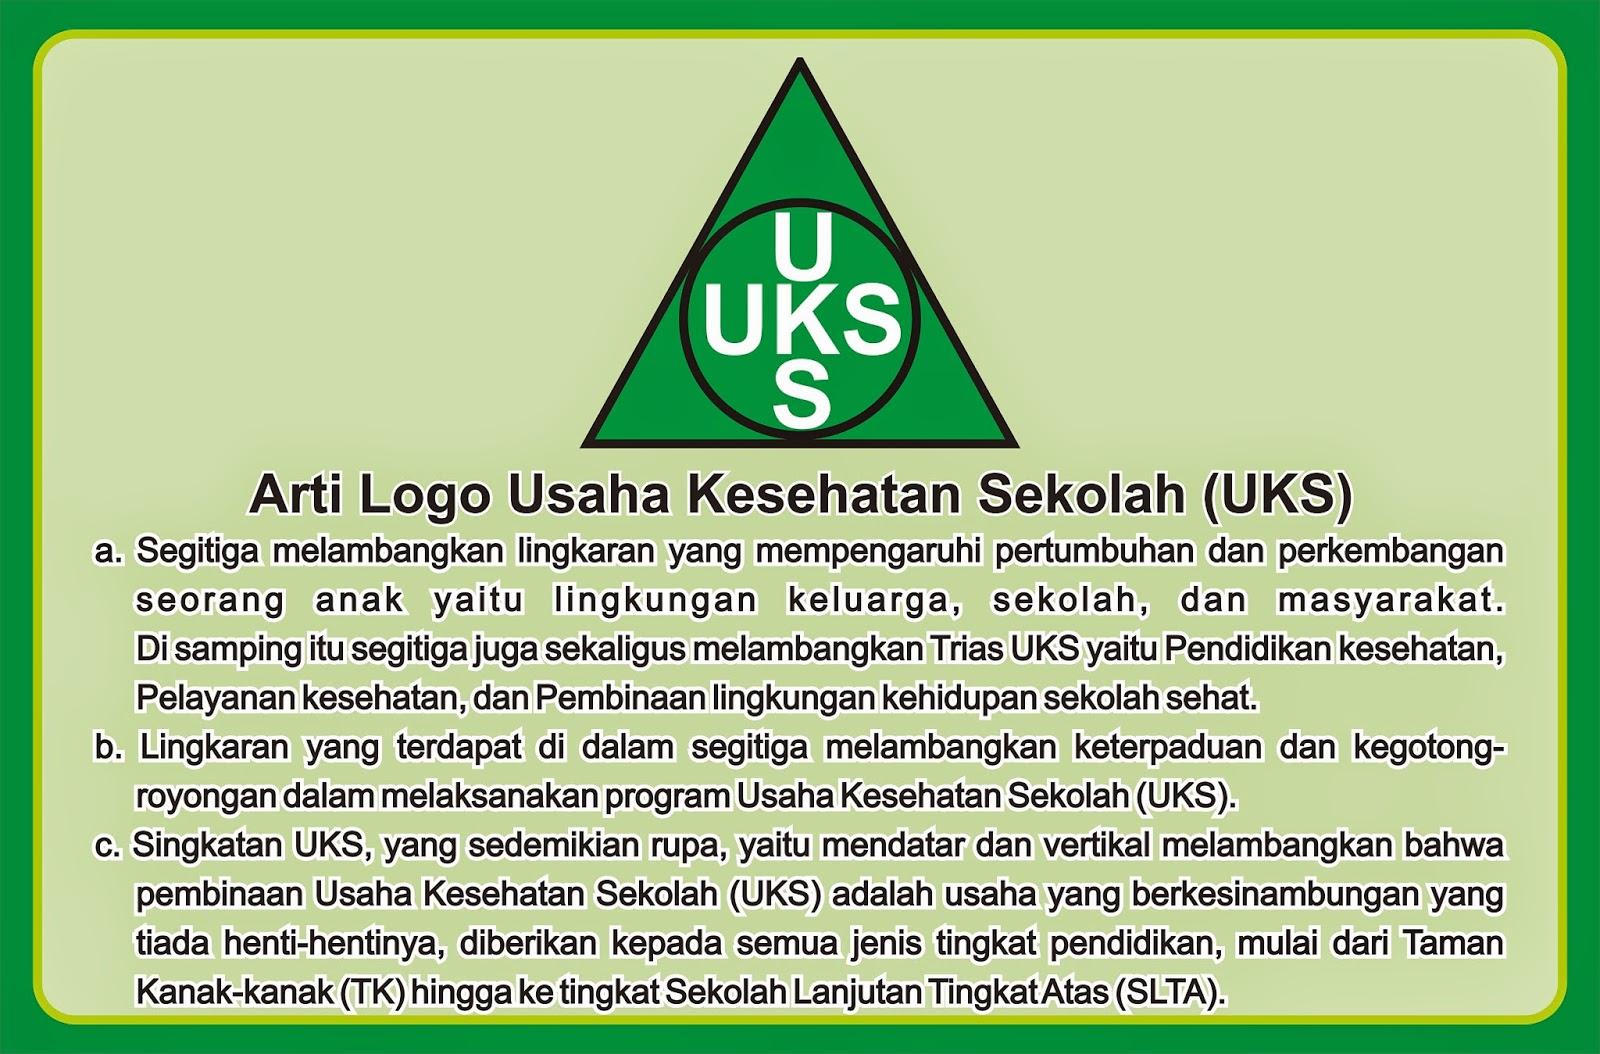 Arti Logo UKS